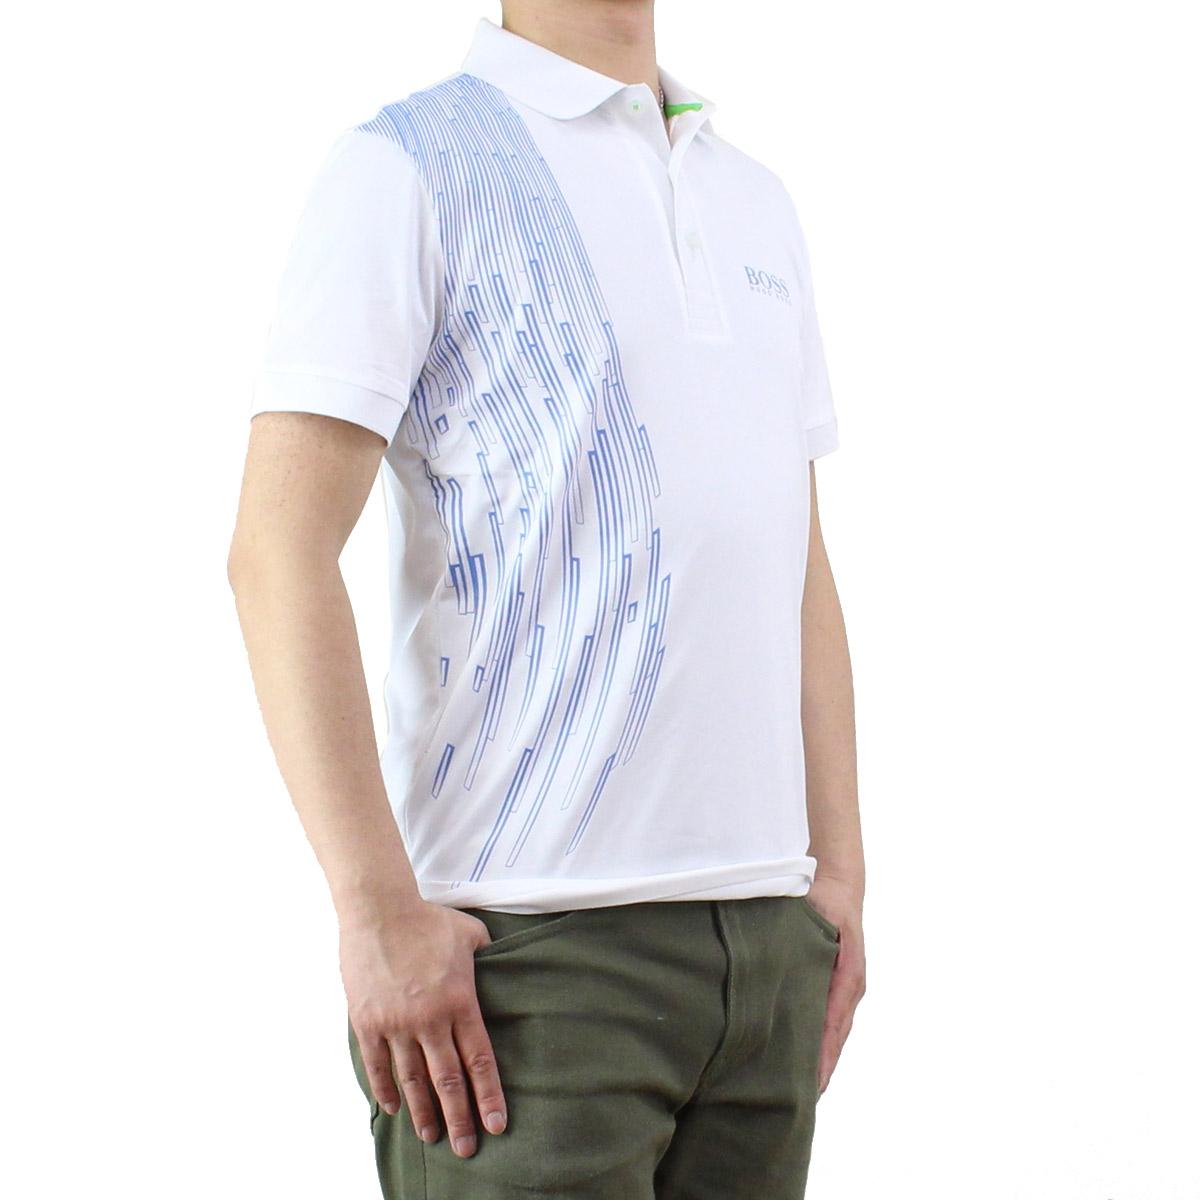 e4d7ea16 Bighit The total brand wholesale: Hugo boss (HUGO BOSS) PAULE PRO 3 men's polo  shirt 50330201 10191776 100 white system, blue system | Rakuten Global  Market